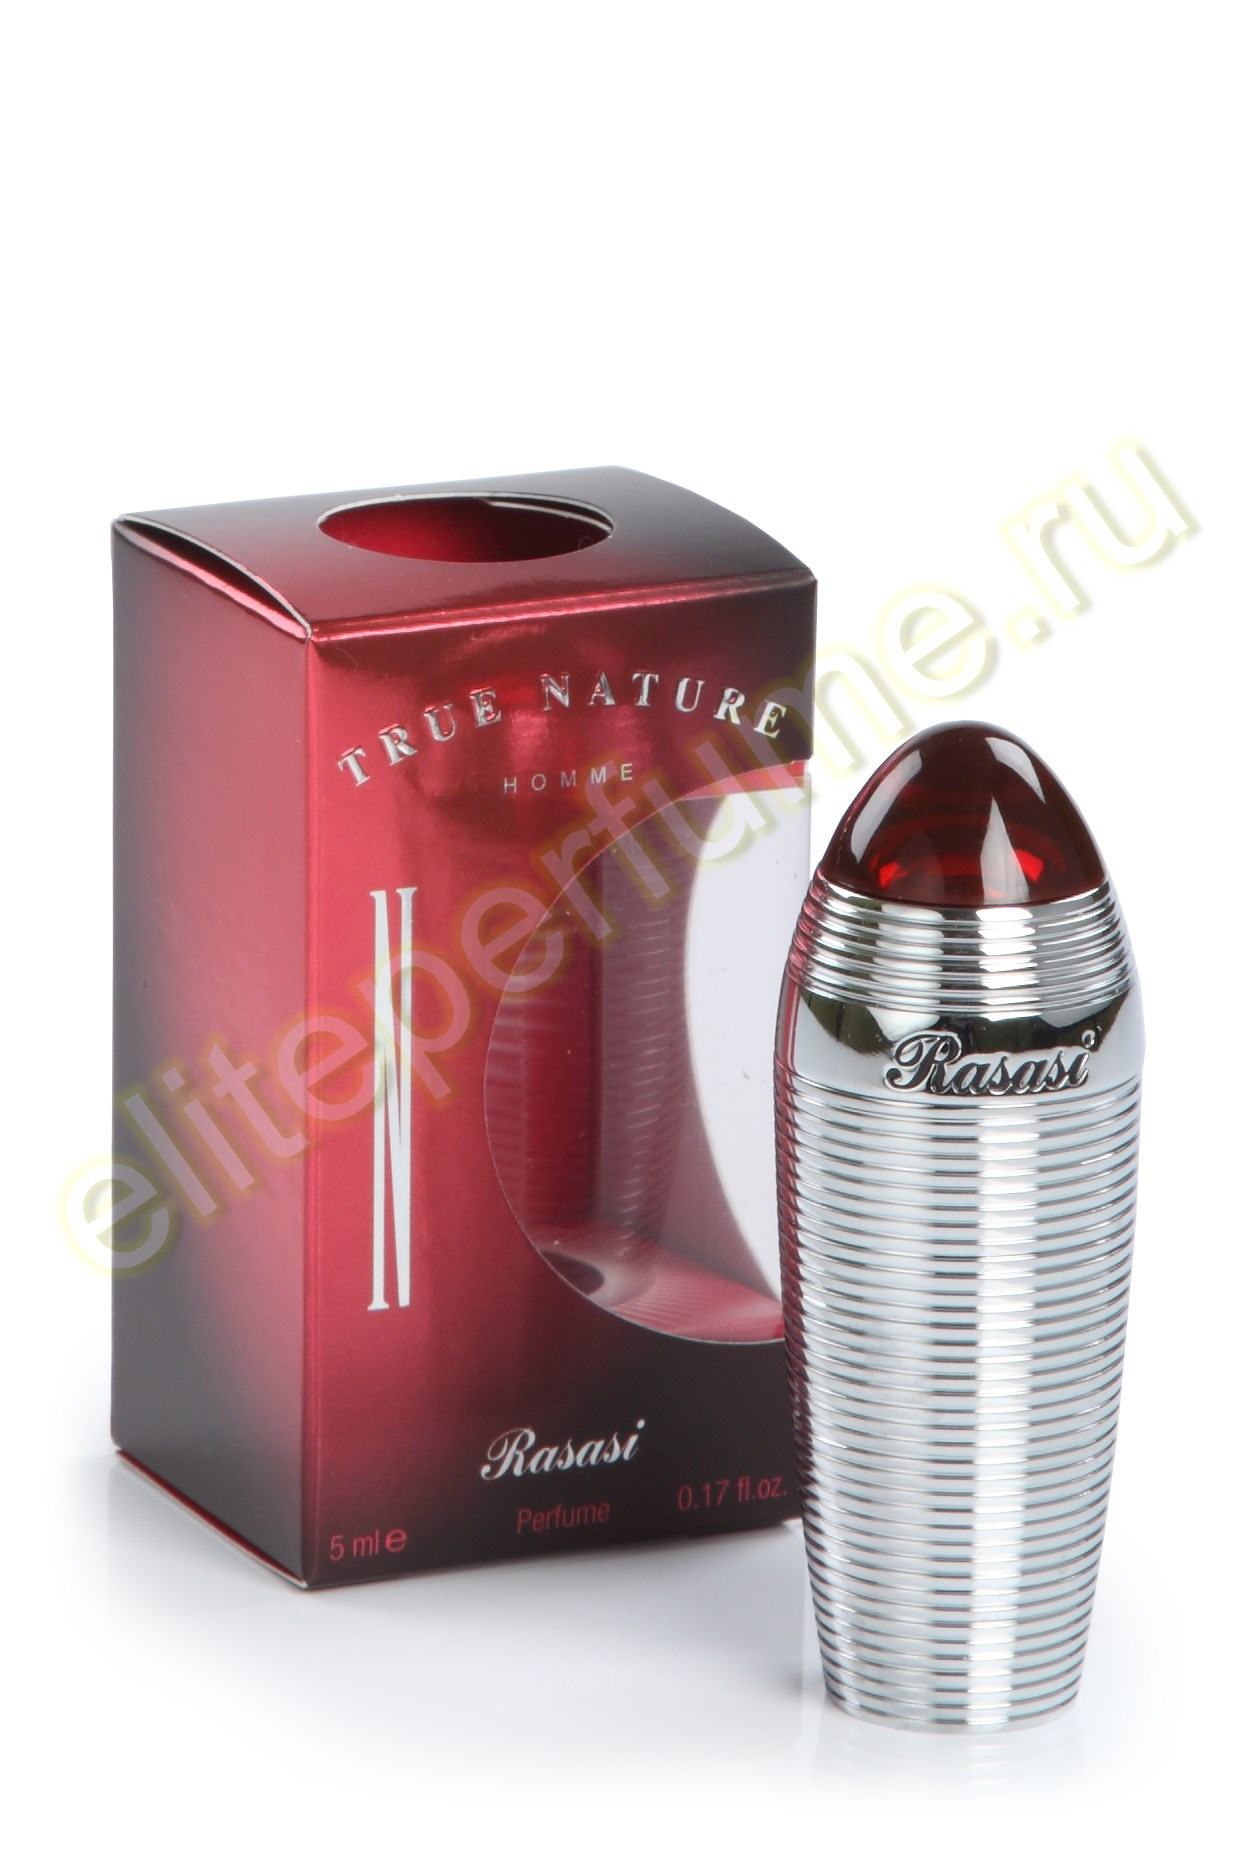 Истинна Сущность True Nature homme 5 мл арабские мужские масляные духи от Расаси Rasasi Perfumes